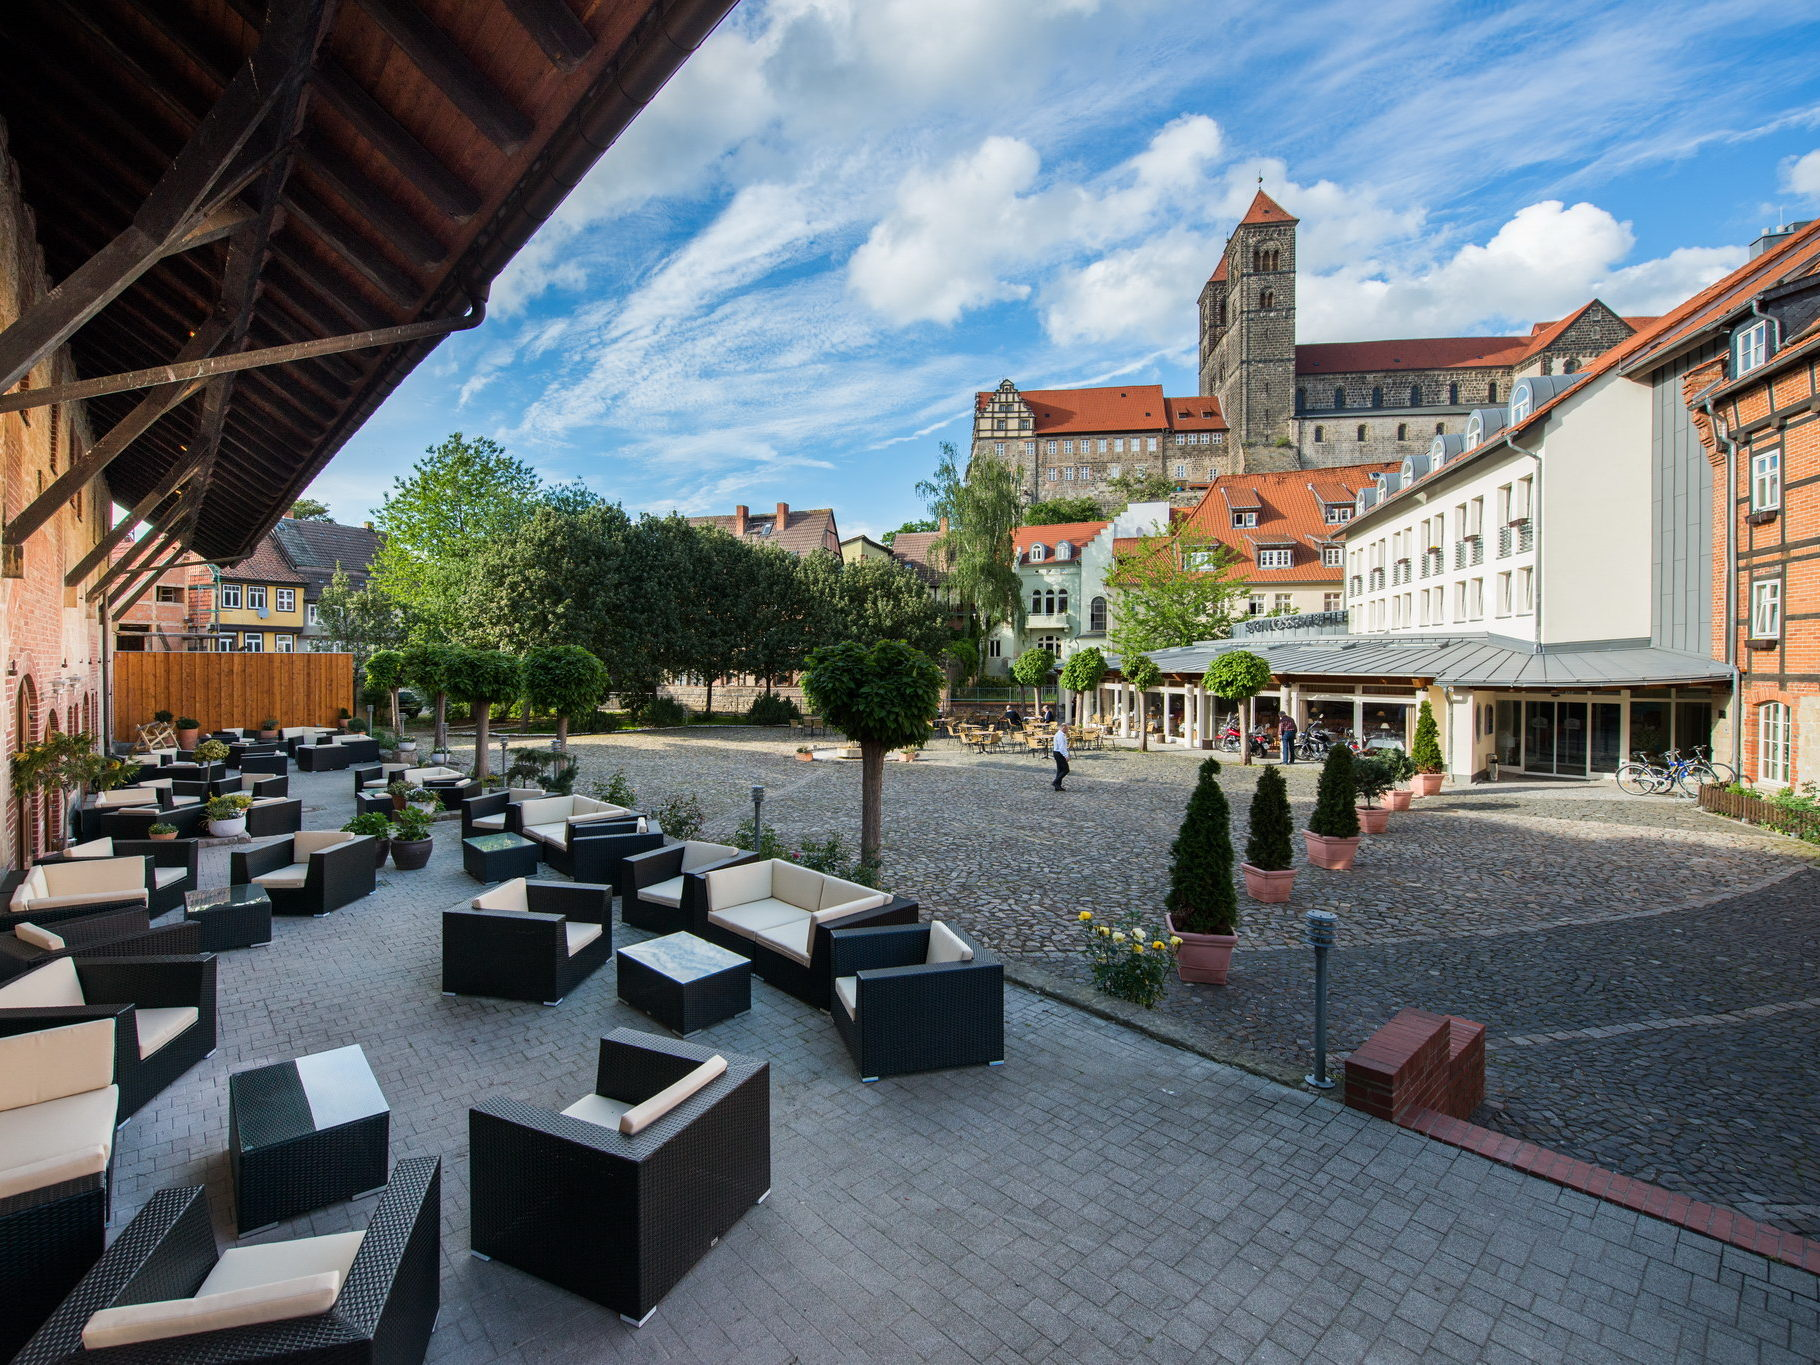 Western Hotel Wernigerode